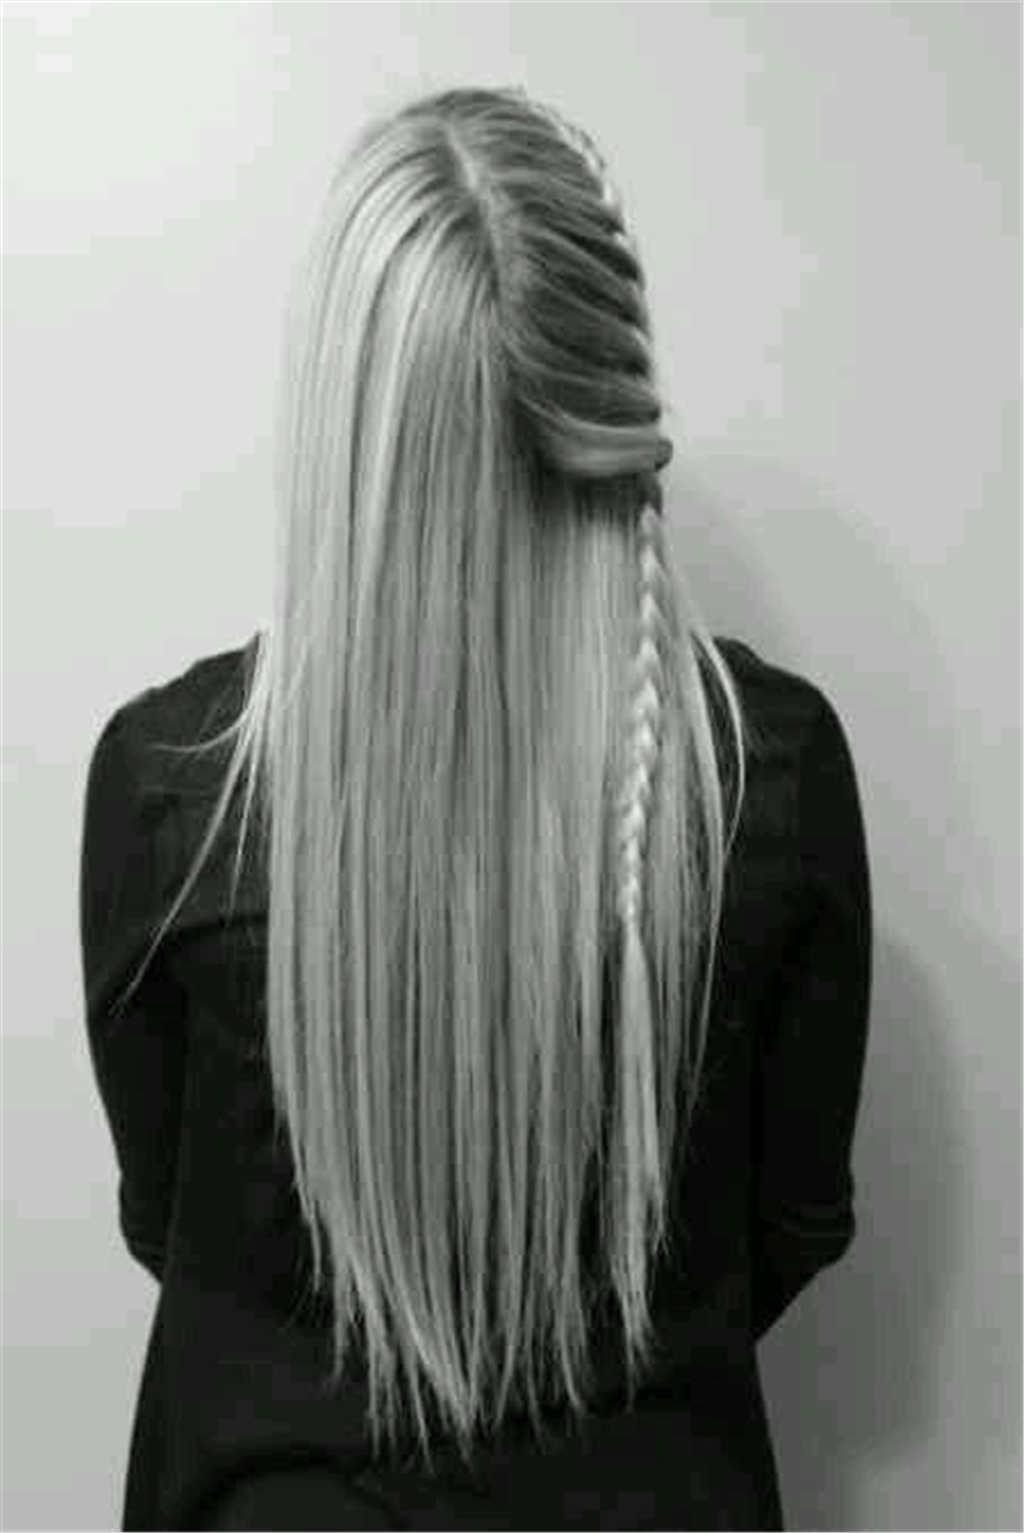 长发及腰女孩背景黑白照片(点击浏览下一张趣图)